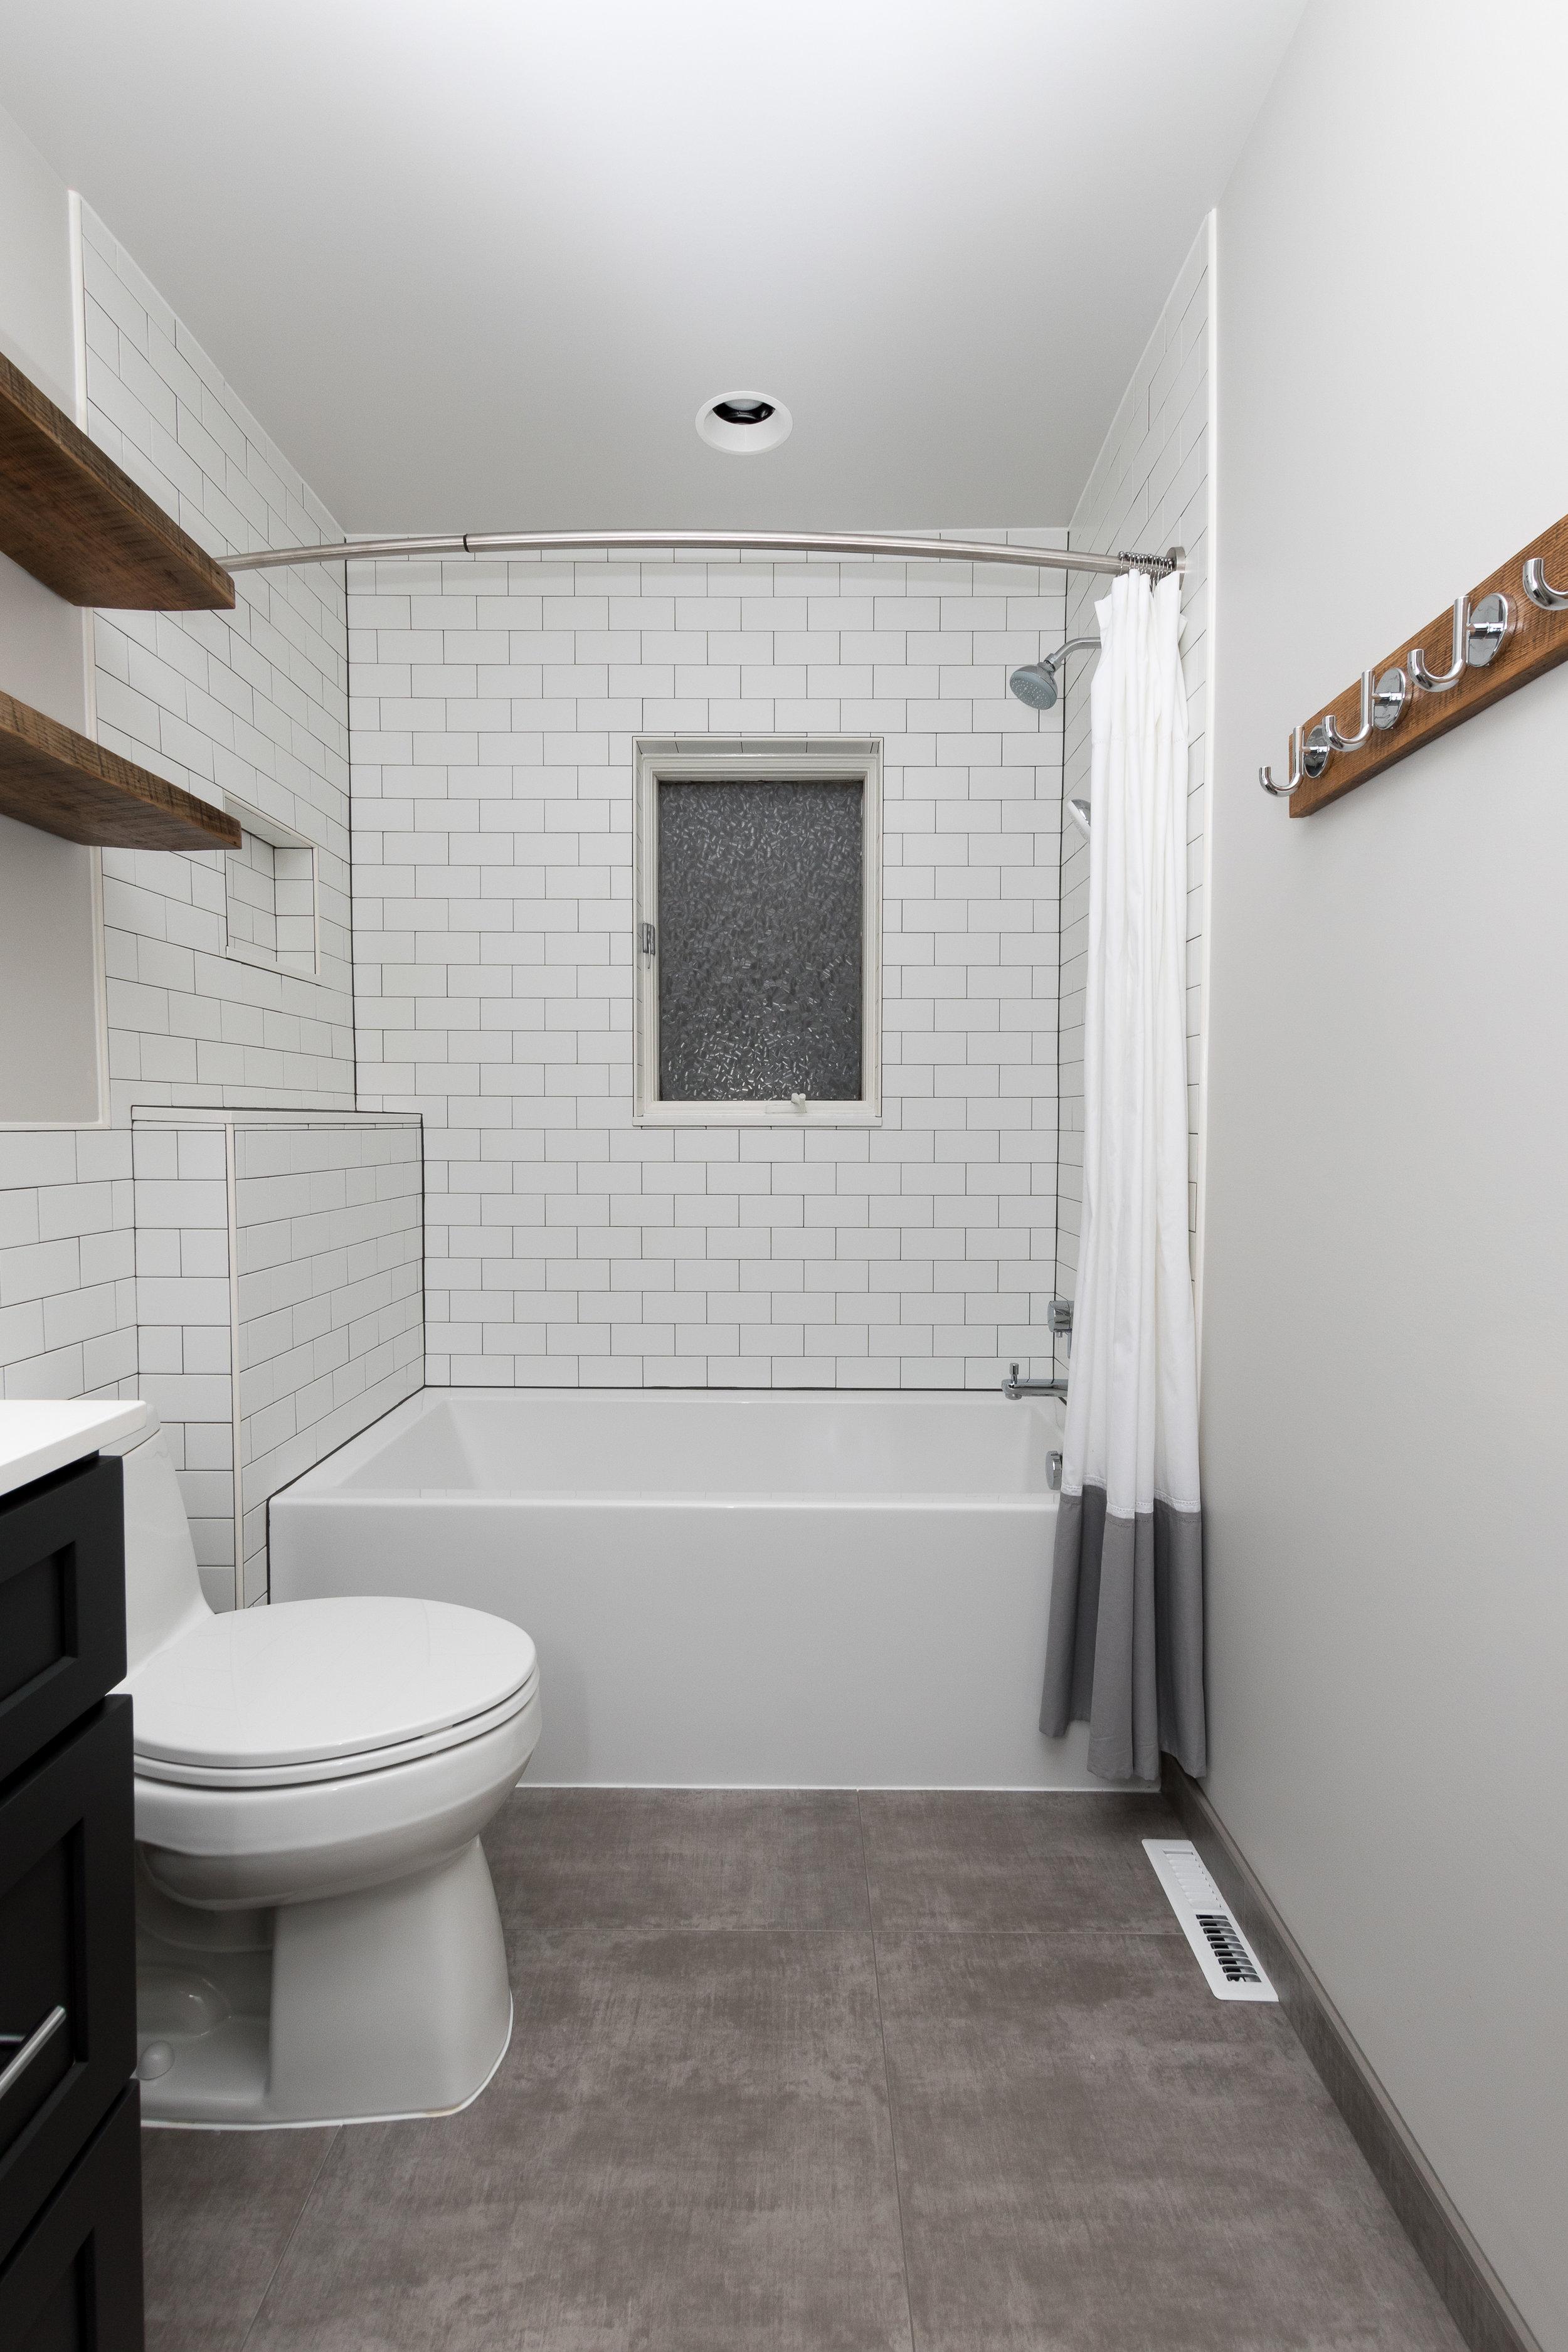 full bathroom from door.jpg